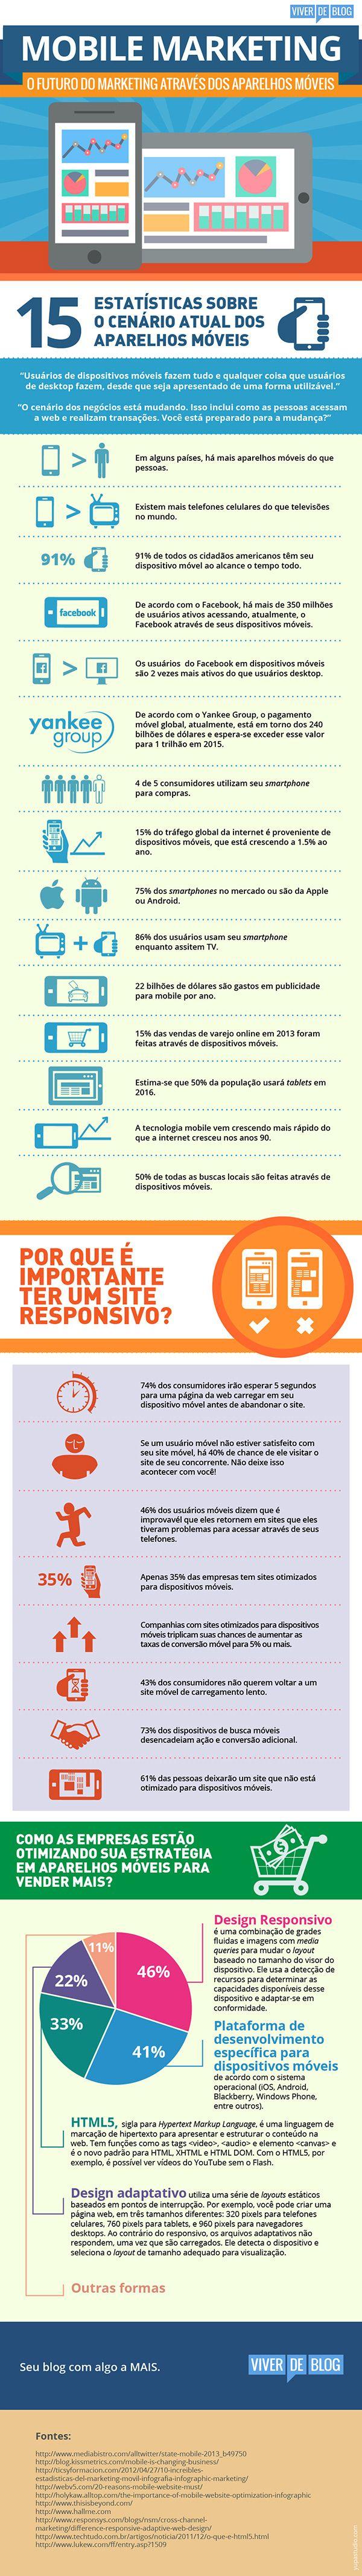 Vdb mobileMKT info 600px [Infográfico] Mobile Marketing: O Futuro do Marketing Através dos Aparelhos Móveis